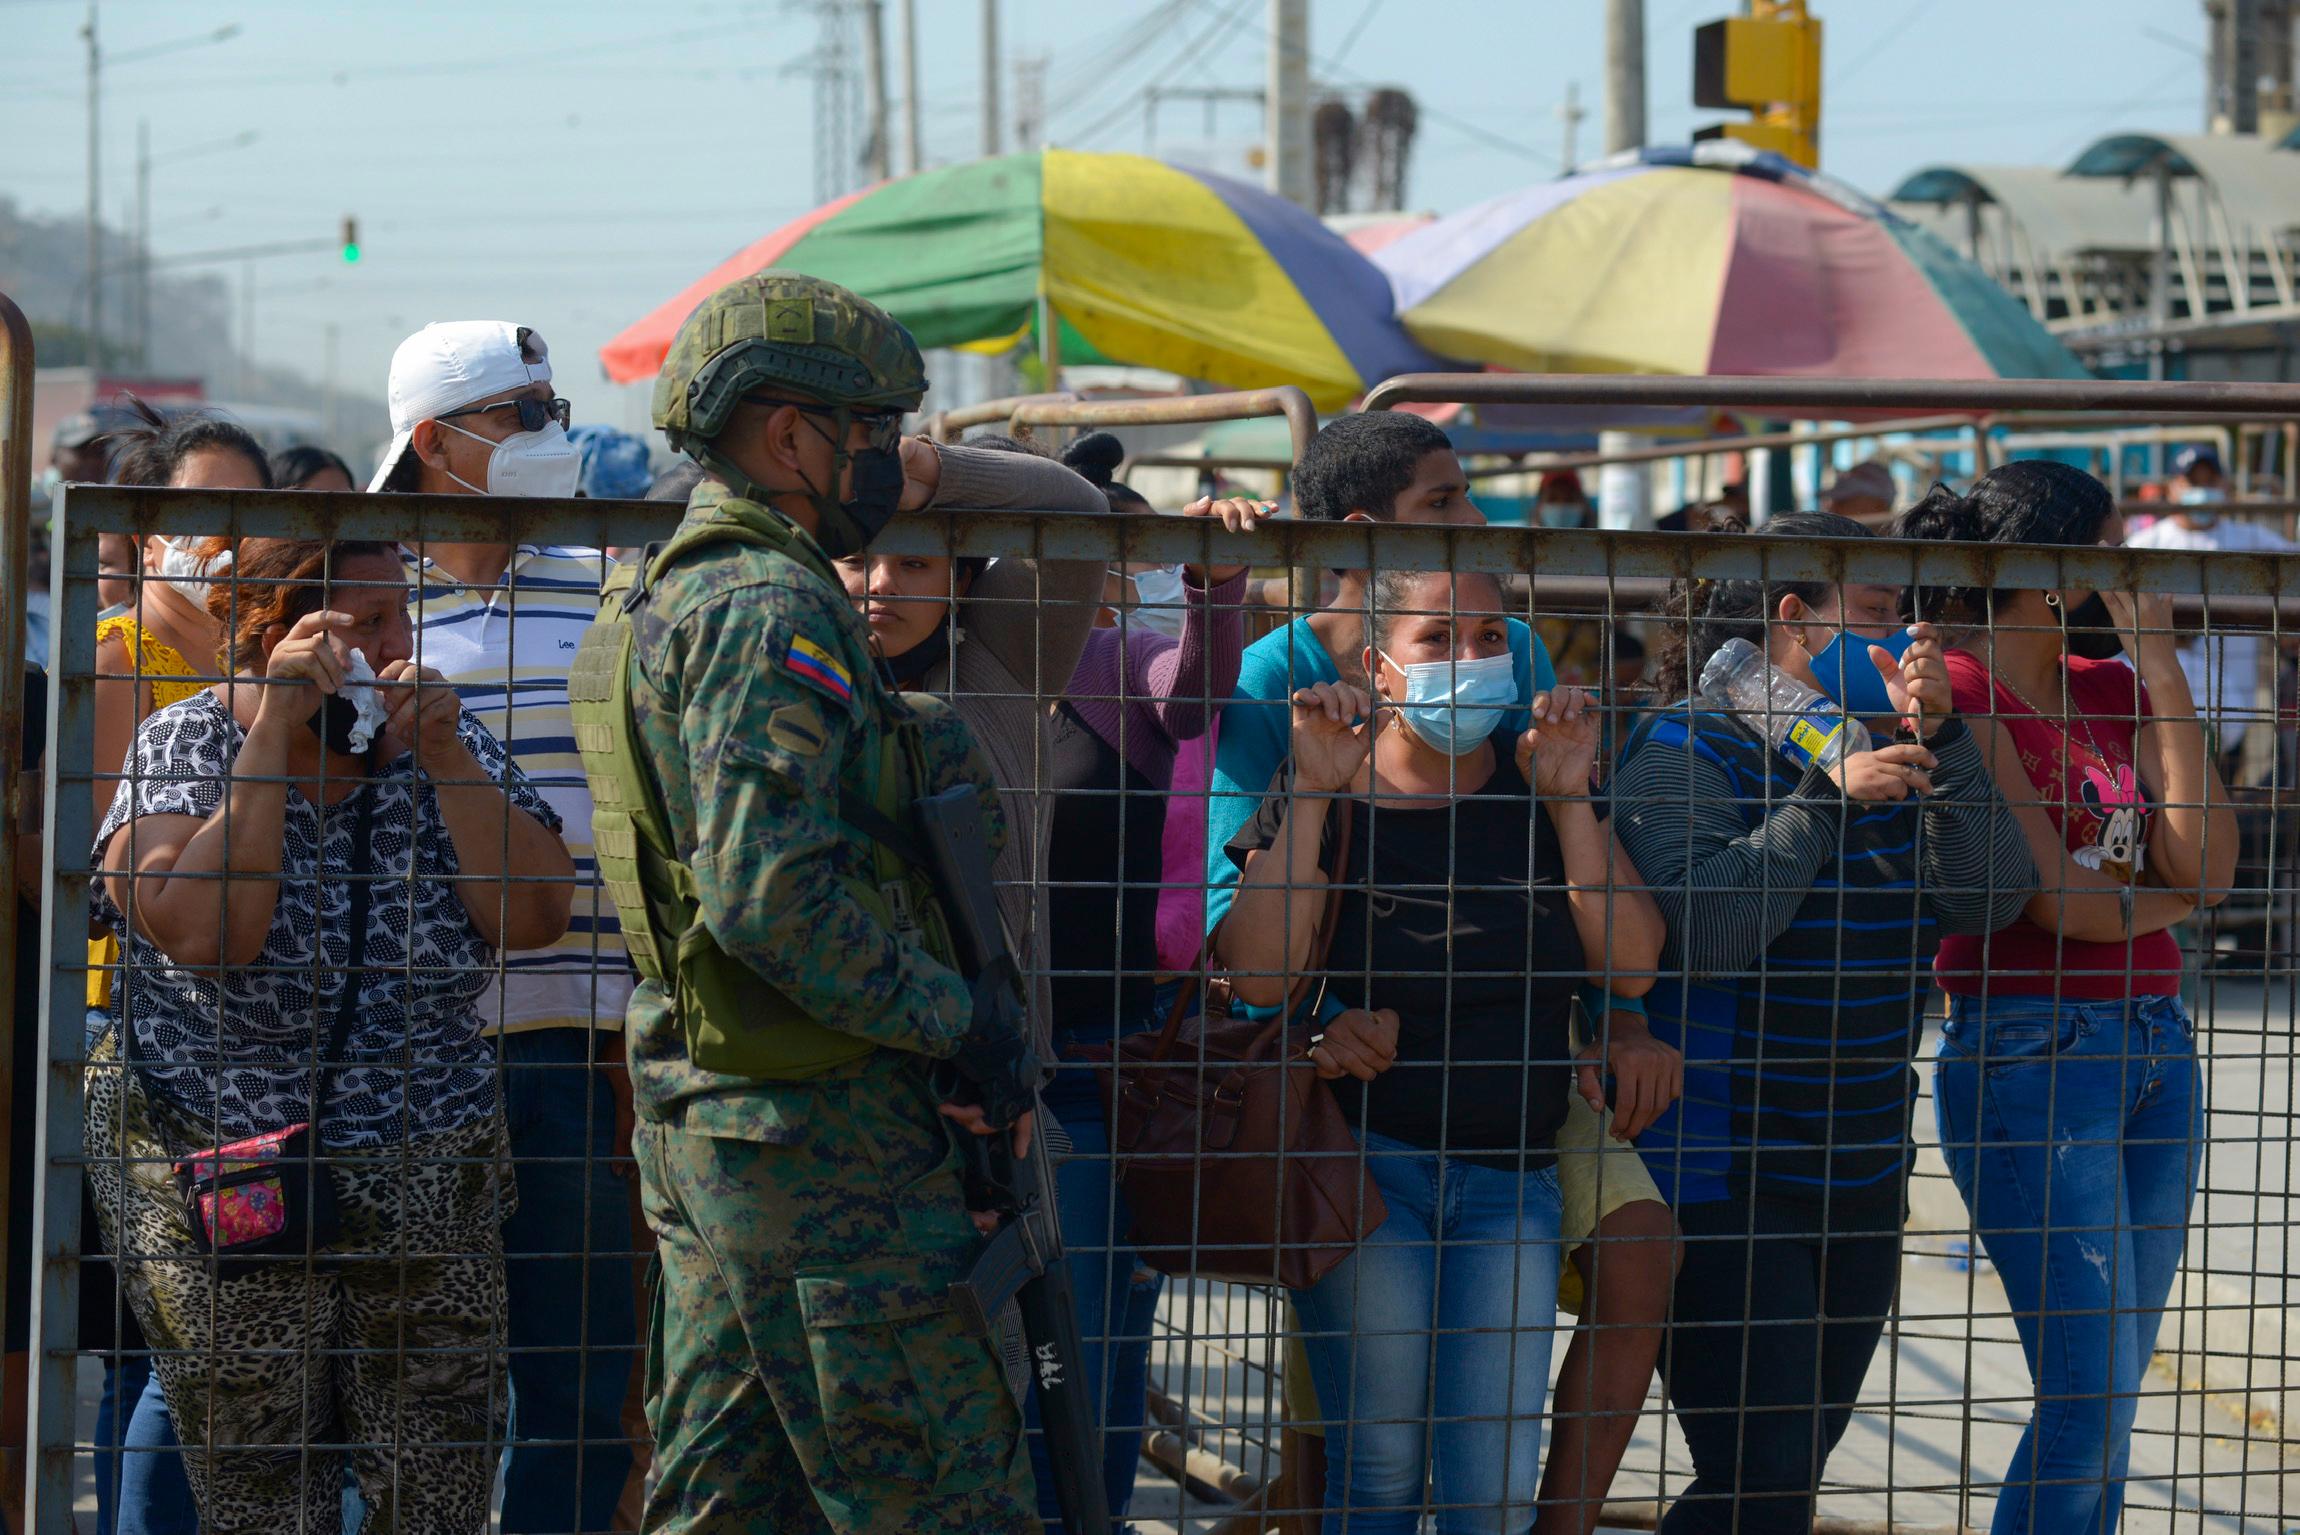 Menschen stehen am Zaun, ein bewaffneter Mann bewacht das Gelände